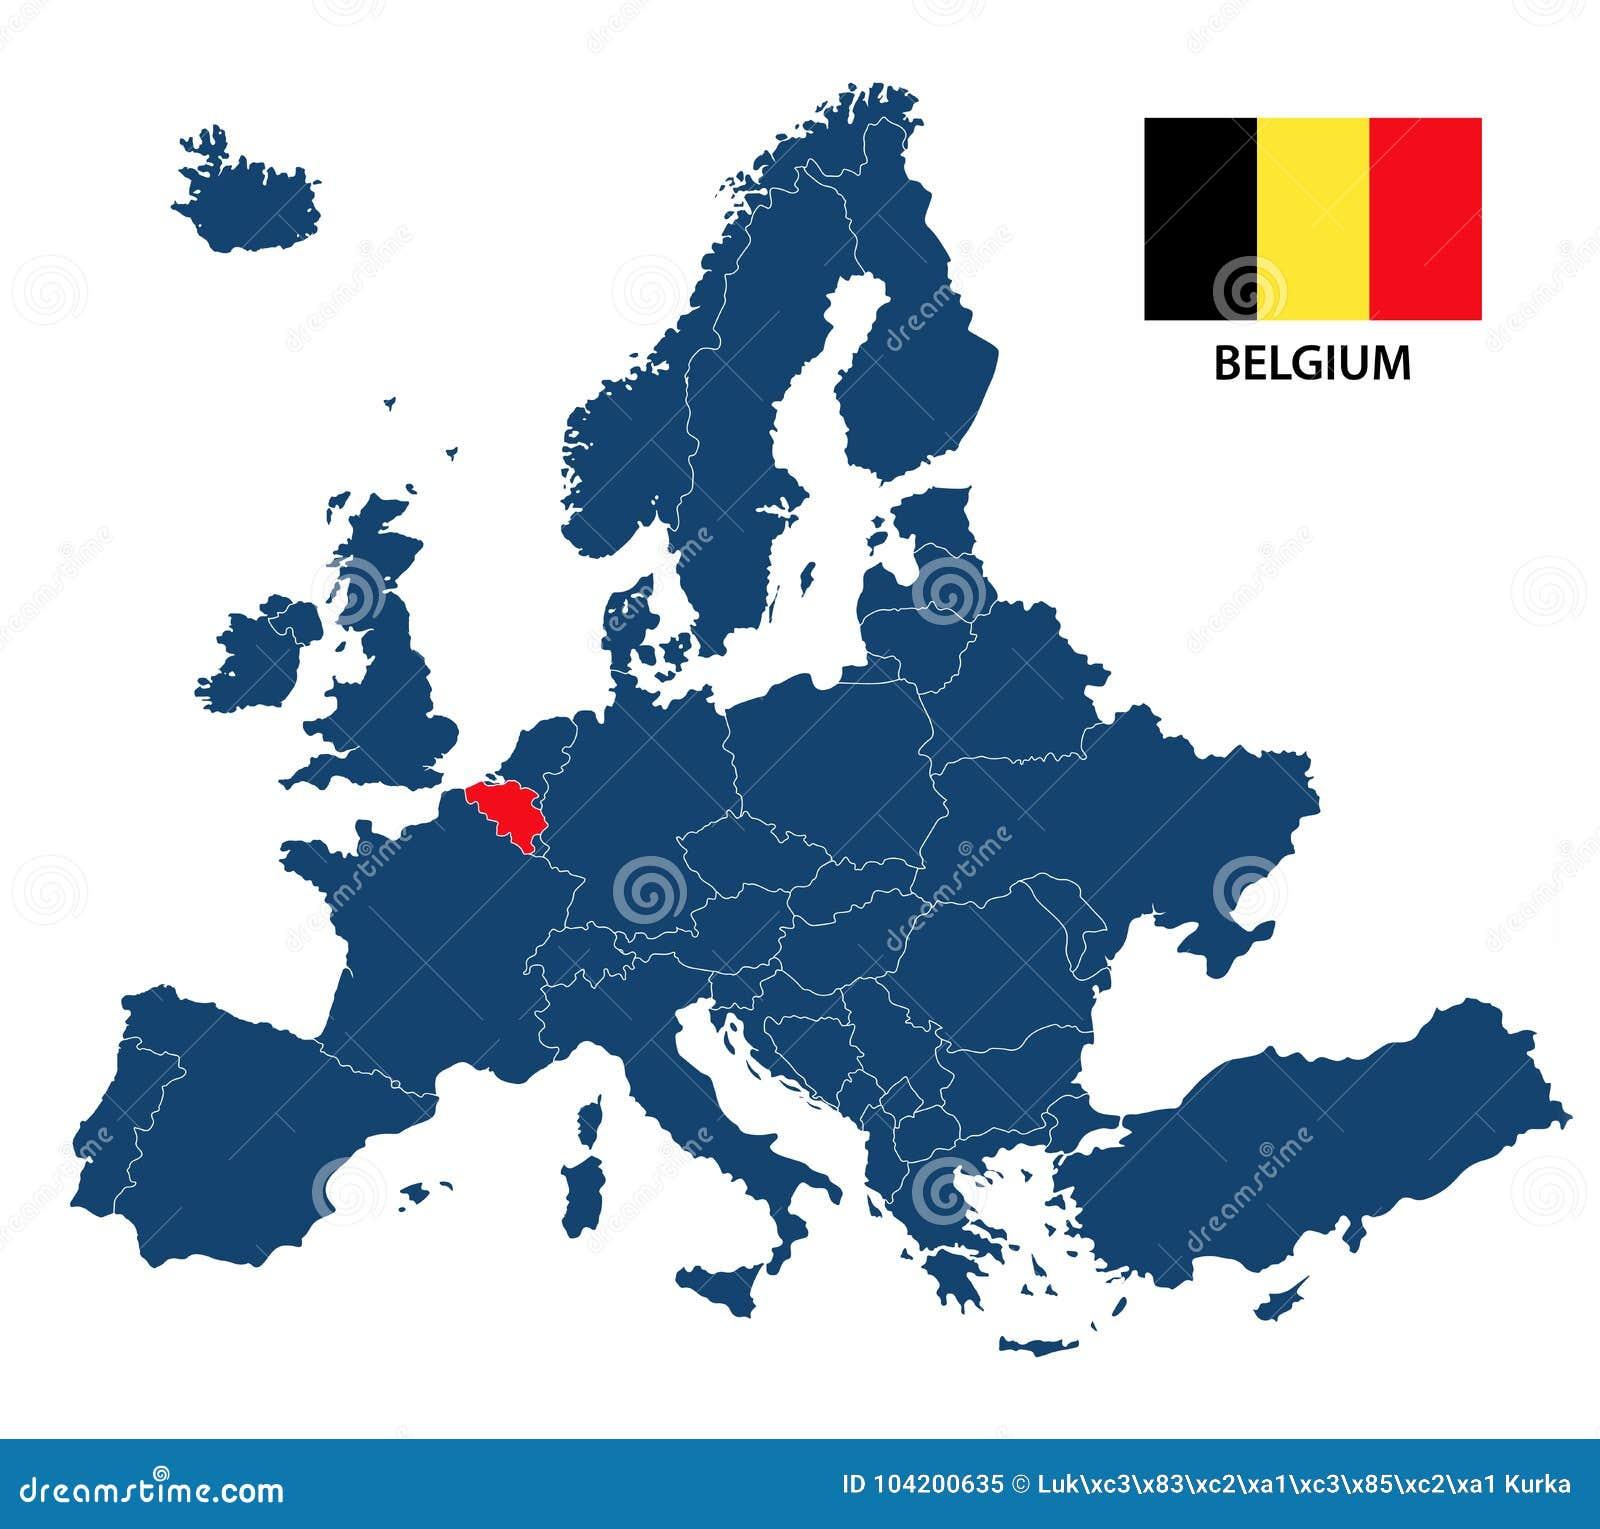 Cartina Fisica Belgio.Vector L Illustrazione Di Una Mappa Di Europa Con Il Belgio Evidenziato Illustrazione Vettoriale Illustrazione Di Paese Evidenziato 104200635